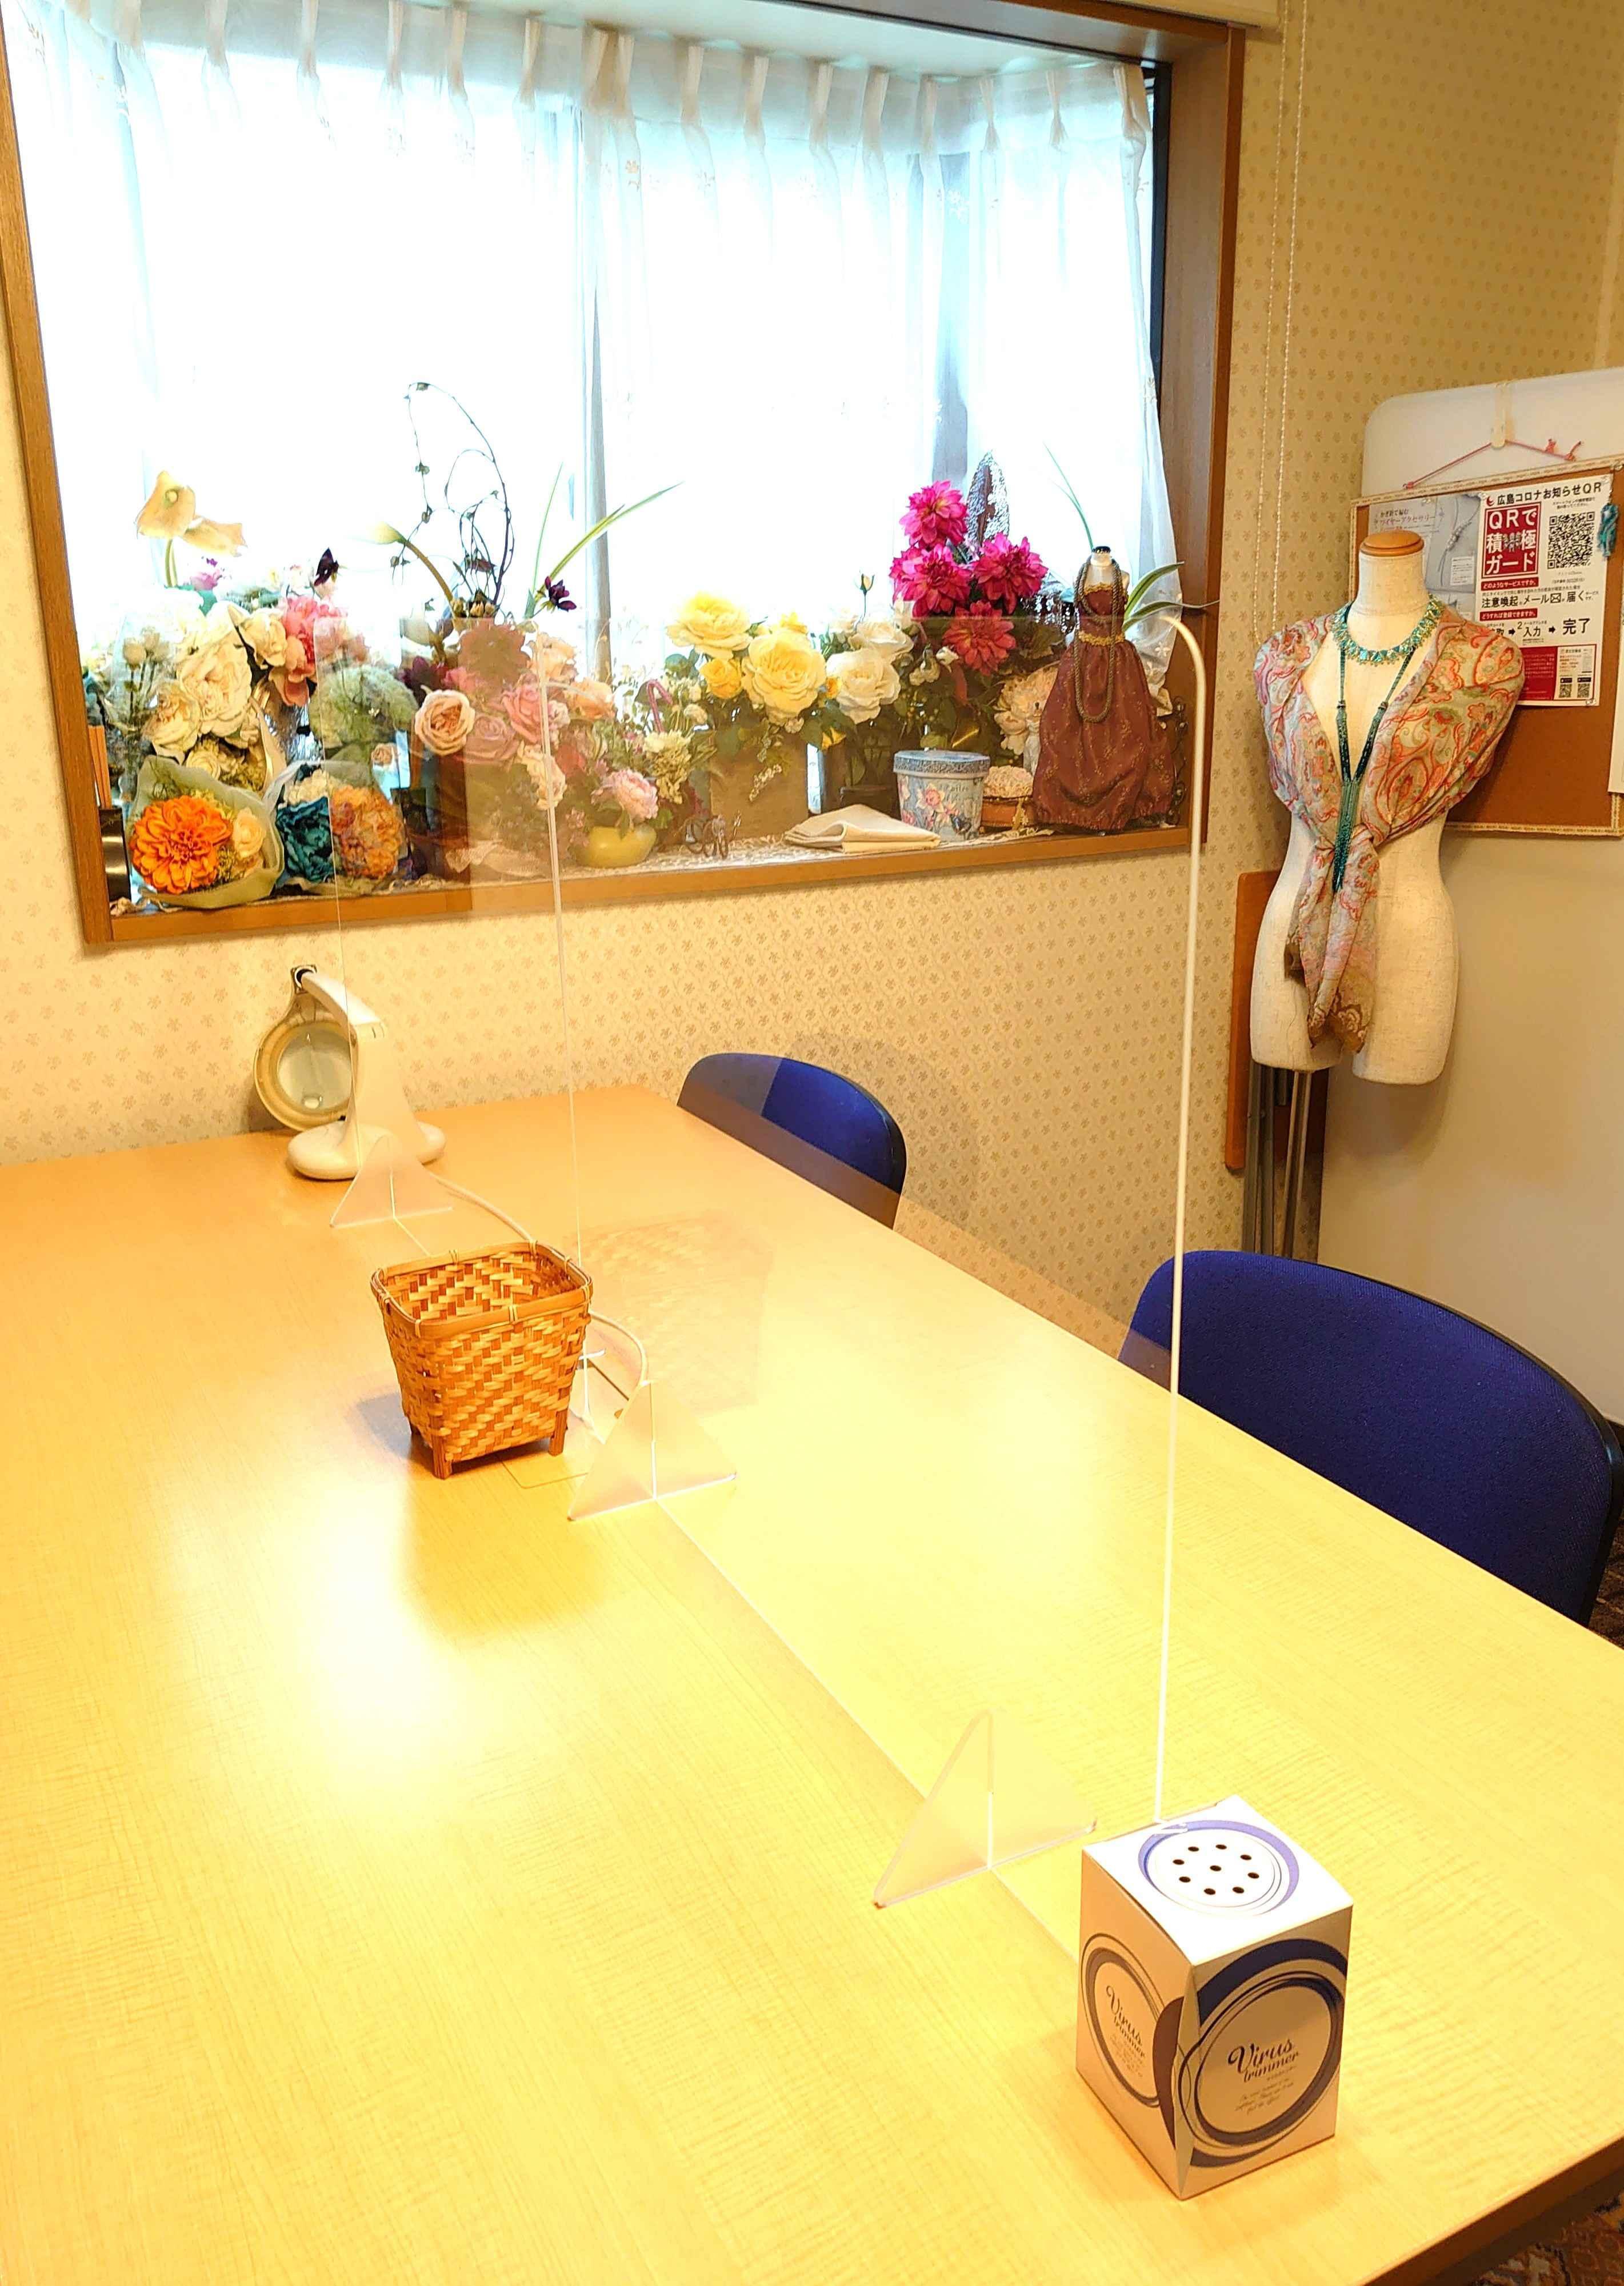 山田恵美の楽しく作るビーズアクセサリー教室アトリエChocoo